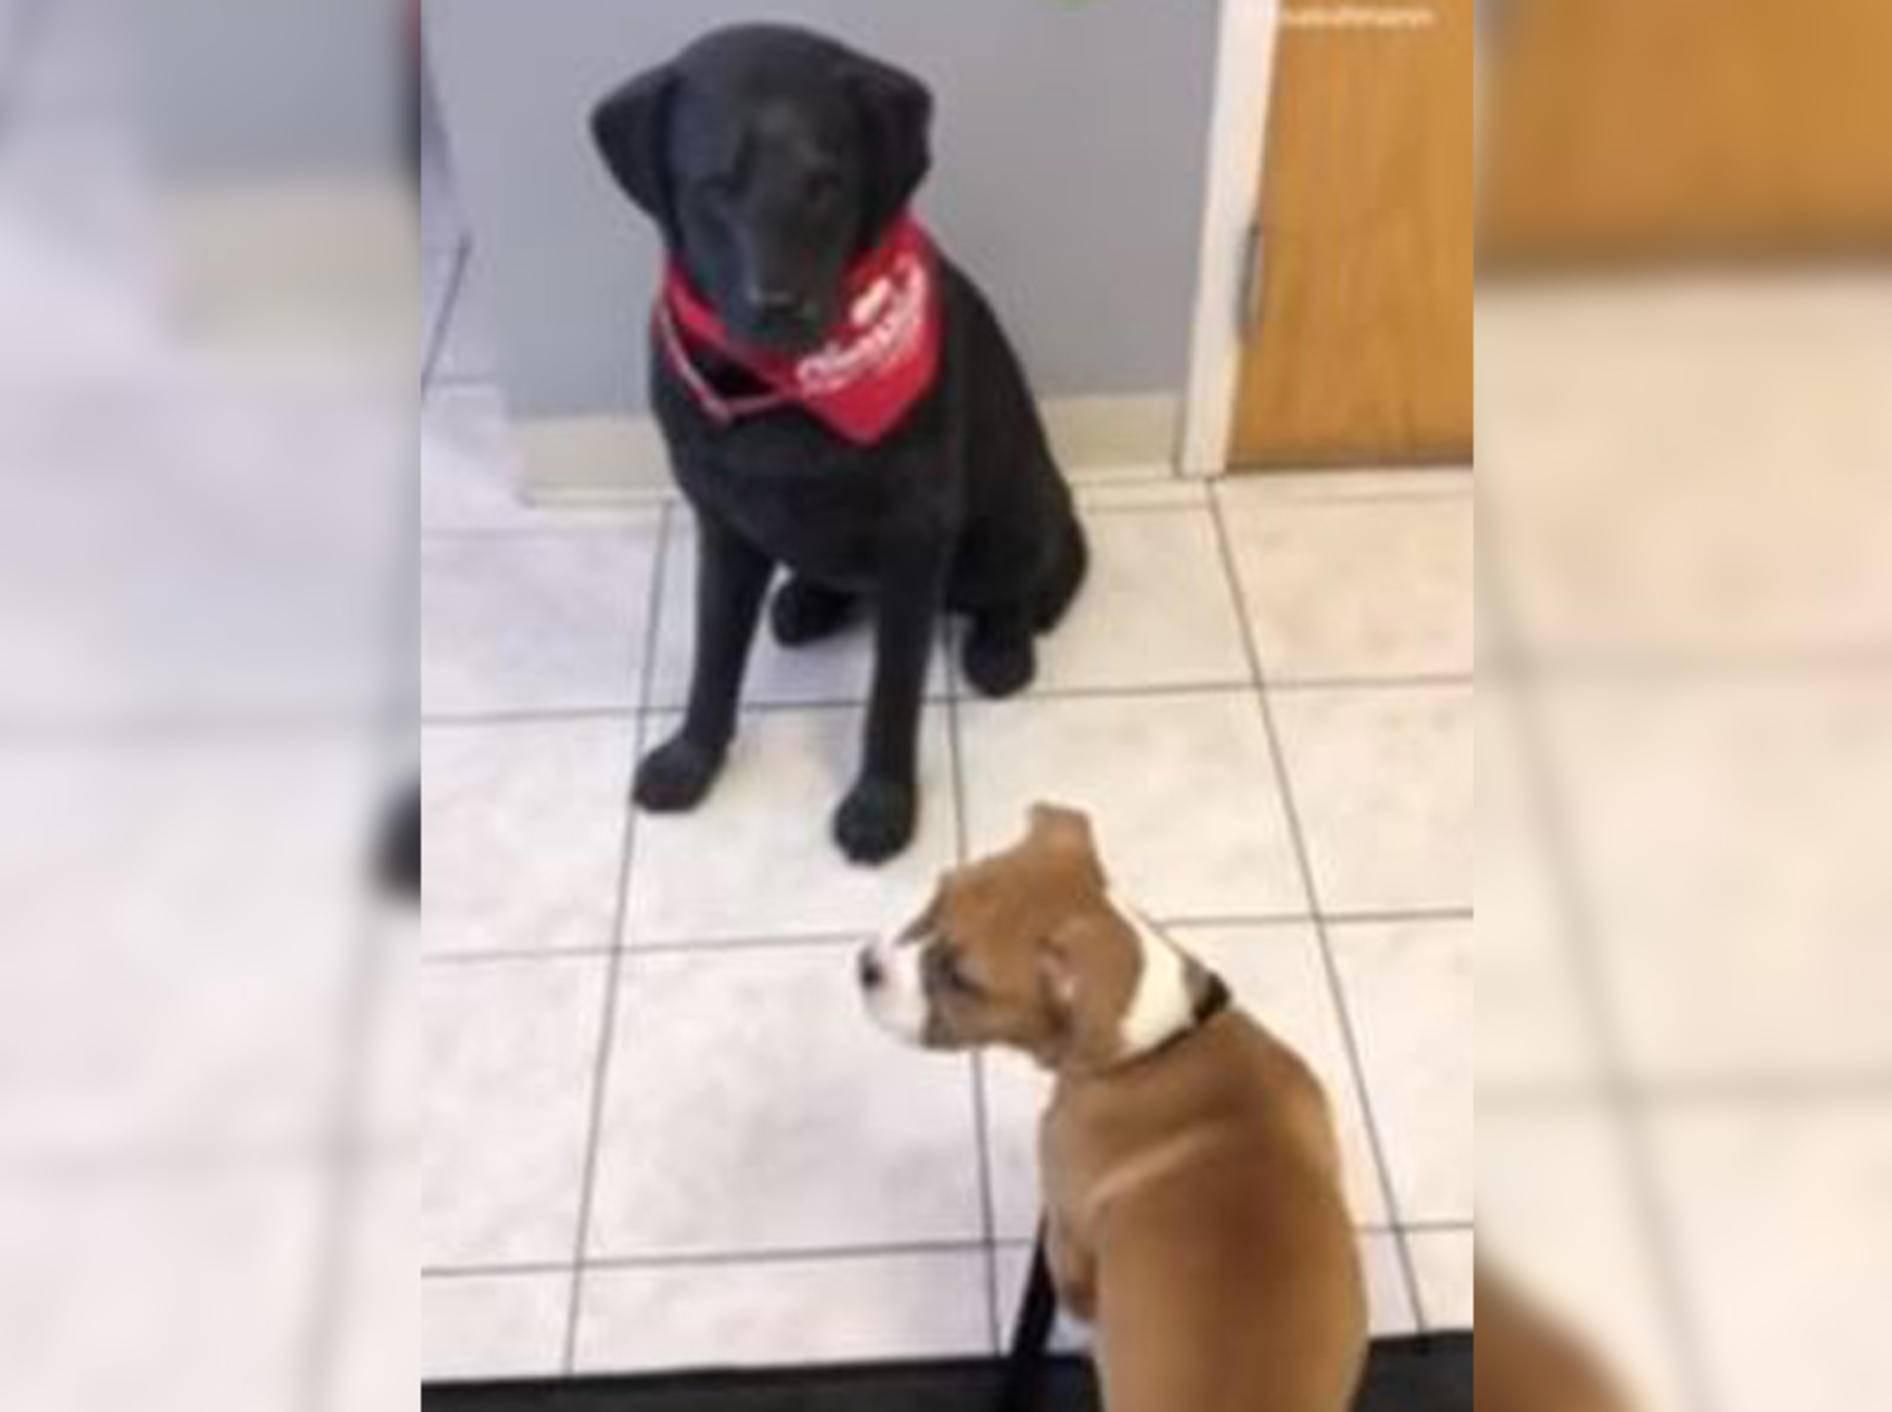 Dieser kleine Hund ist ganz schön verdutzt, weil sein Gegenüber einfach nicht mitspielt - Bild: YouTube / Rumble Viral